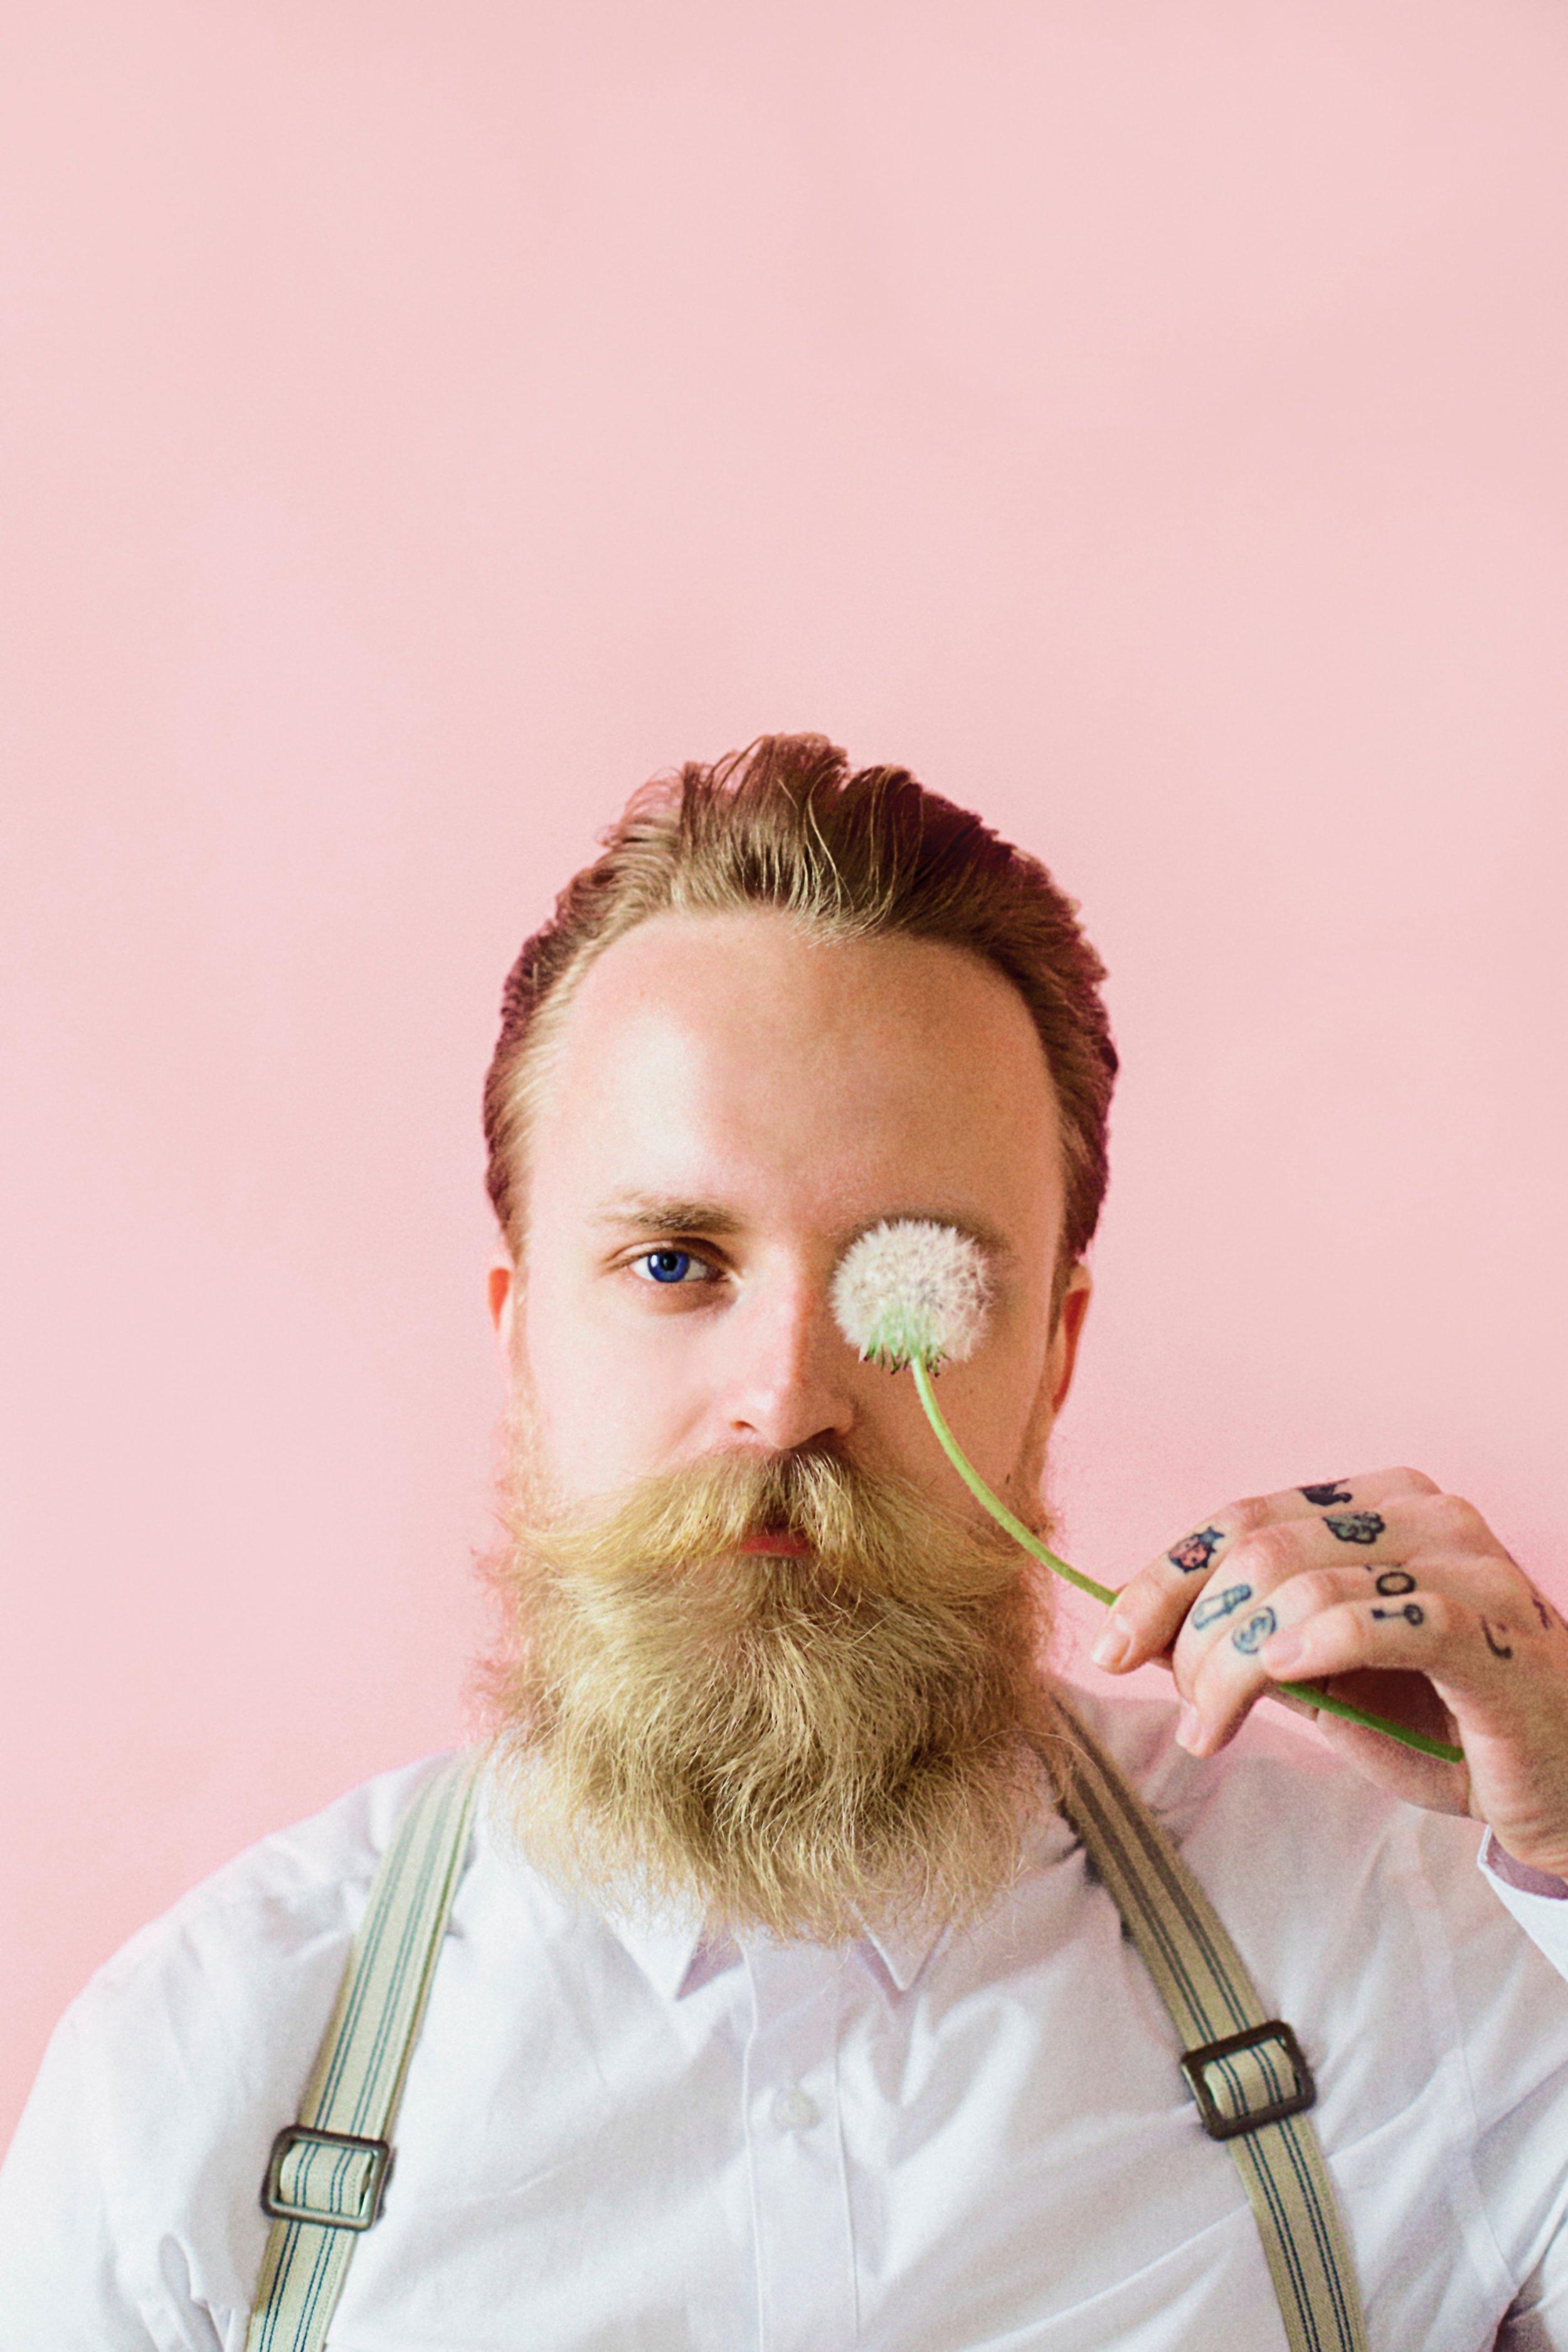 adult-beard-cute-1250426.jpg